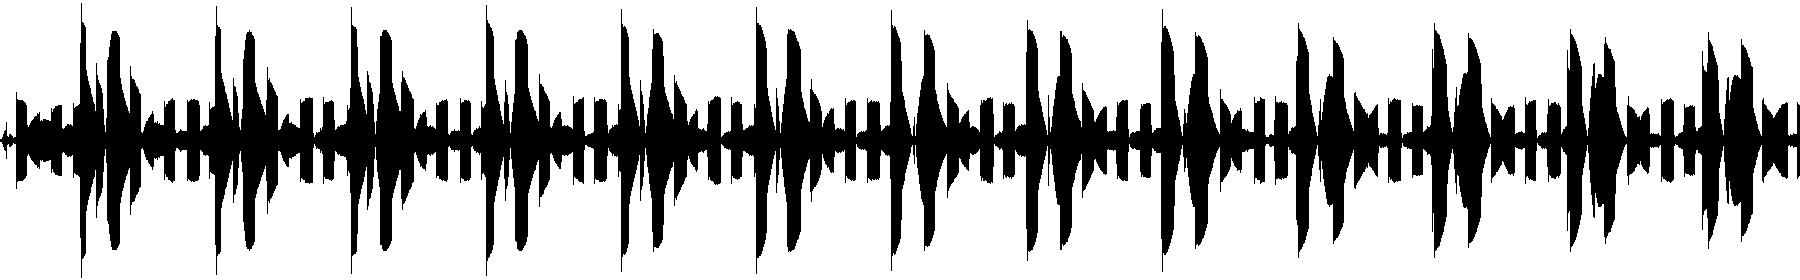 veh2 synths   087 c